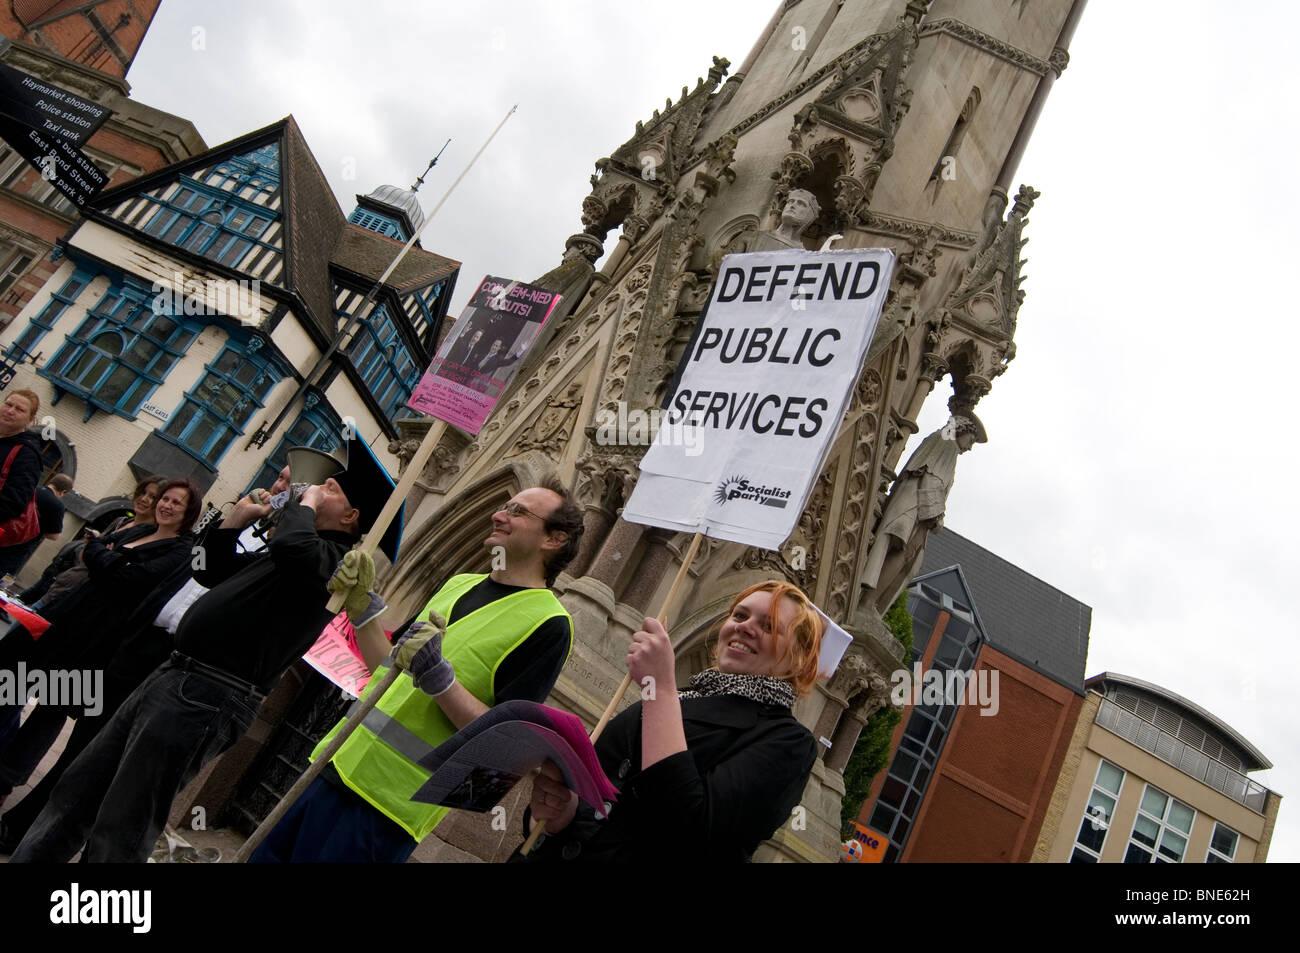 Protesta manifestanti protester contro il settore pubblico tagli taglio spesa per ridurre la spesa europea dei sindacati Immagini Stock